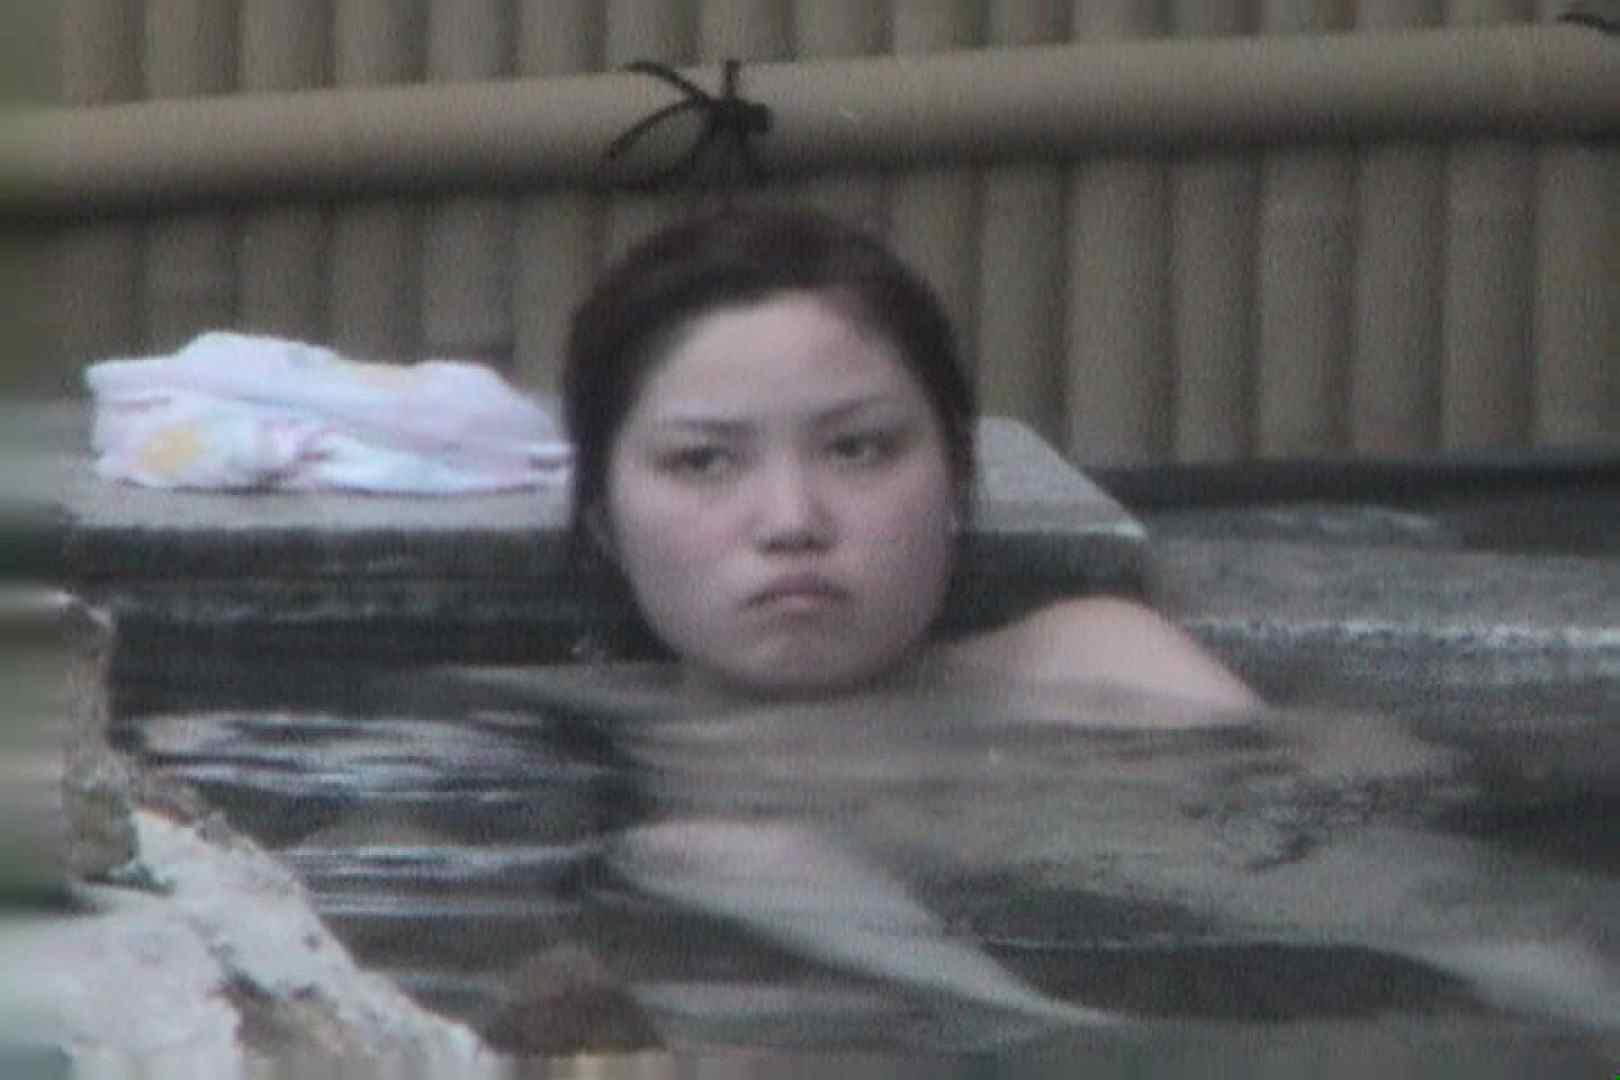 Aquaな露天風呂Vol.602 盗撮師作品 | 美しいOLの裸体  98pic 94